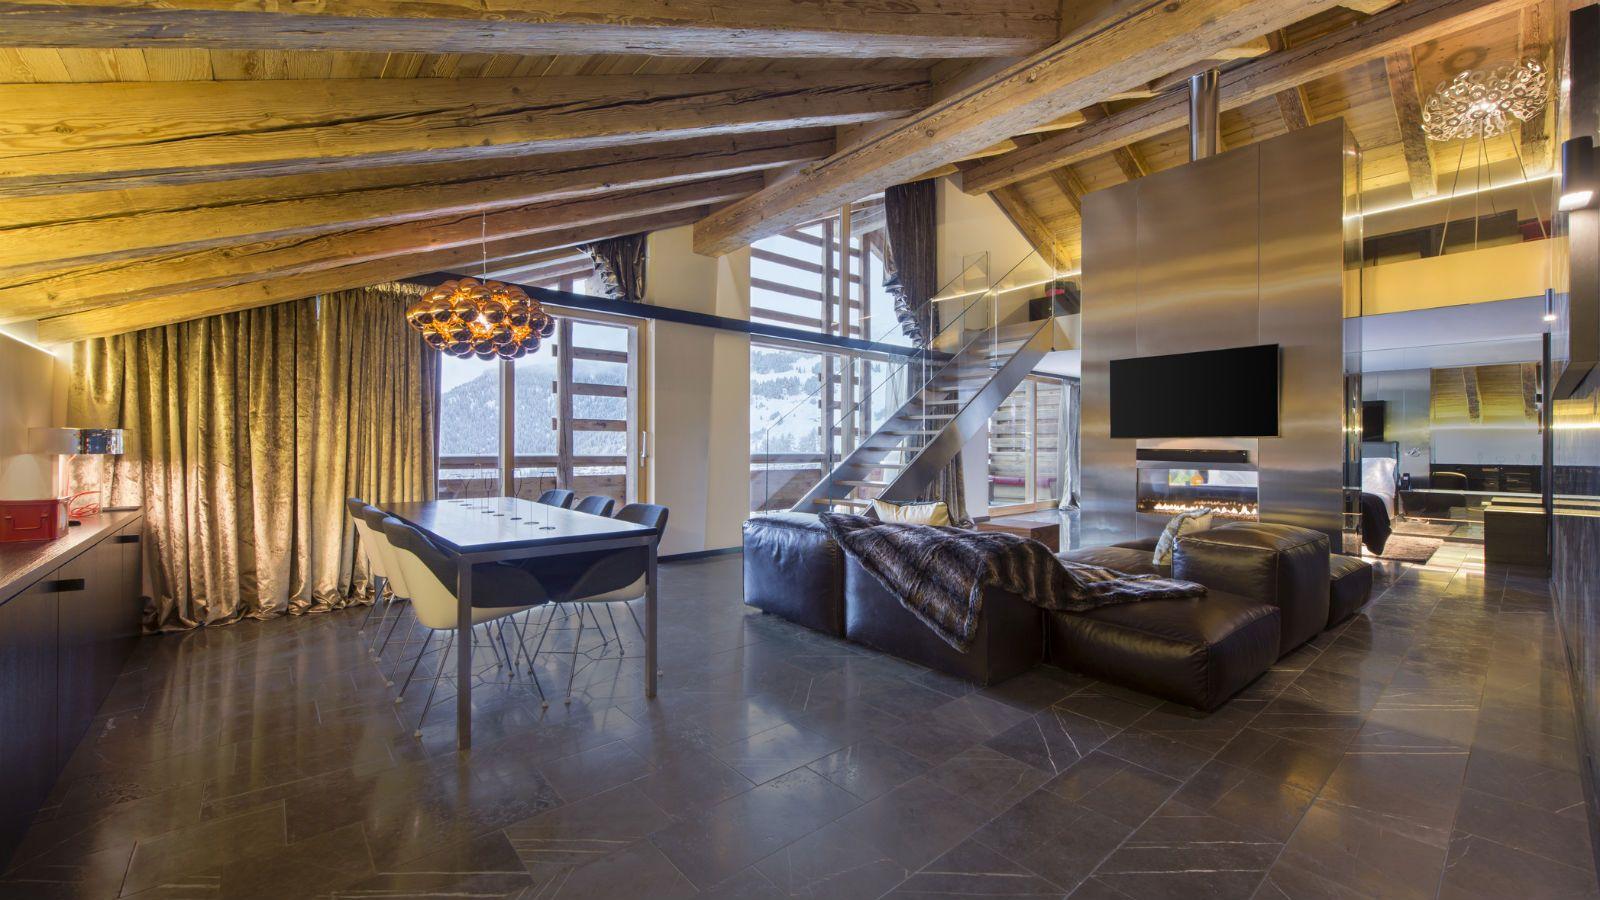 W Verbier Official Website Best Rates Guaranteed Luxury Hotel Hotel Verbier W living room verbier